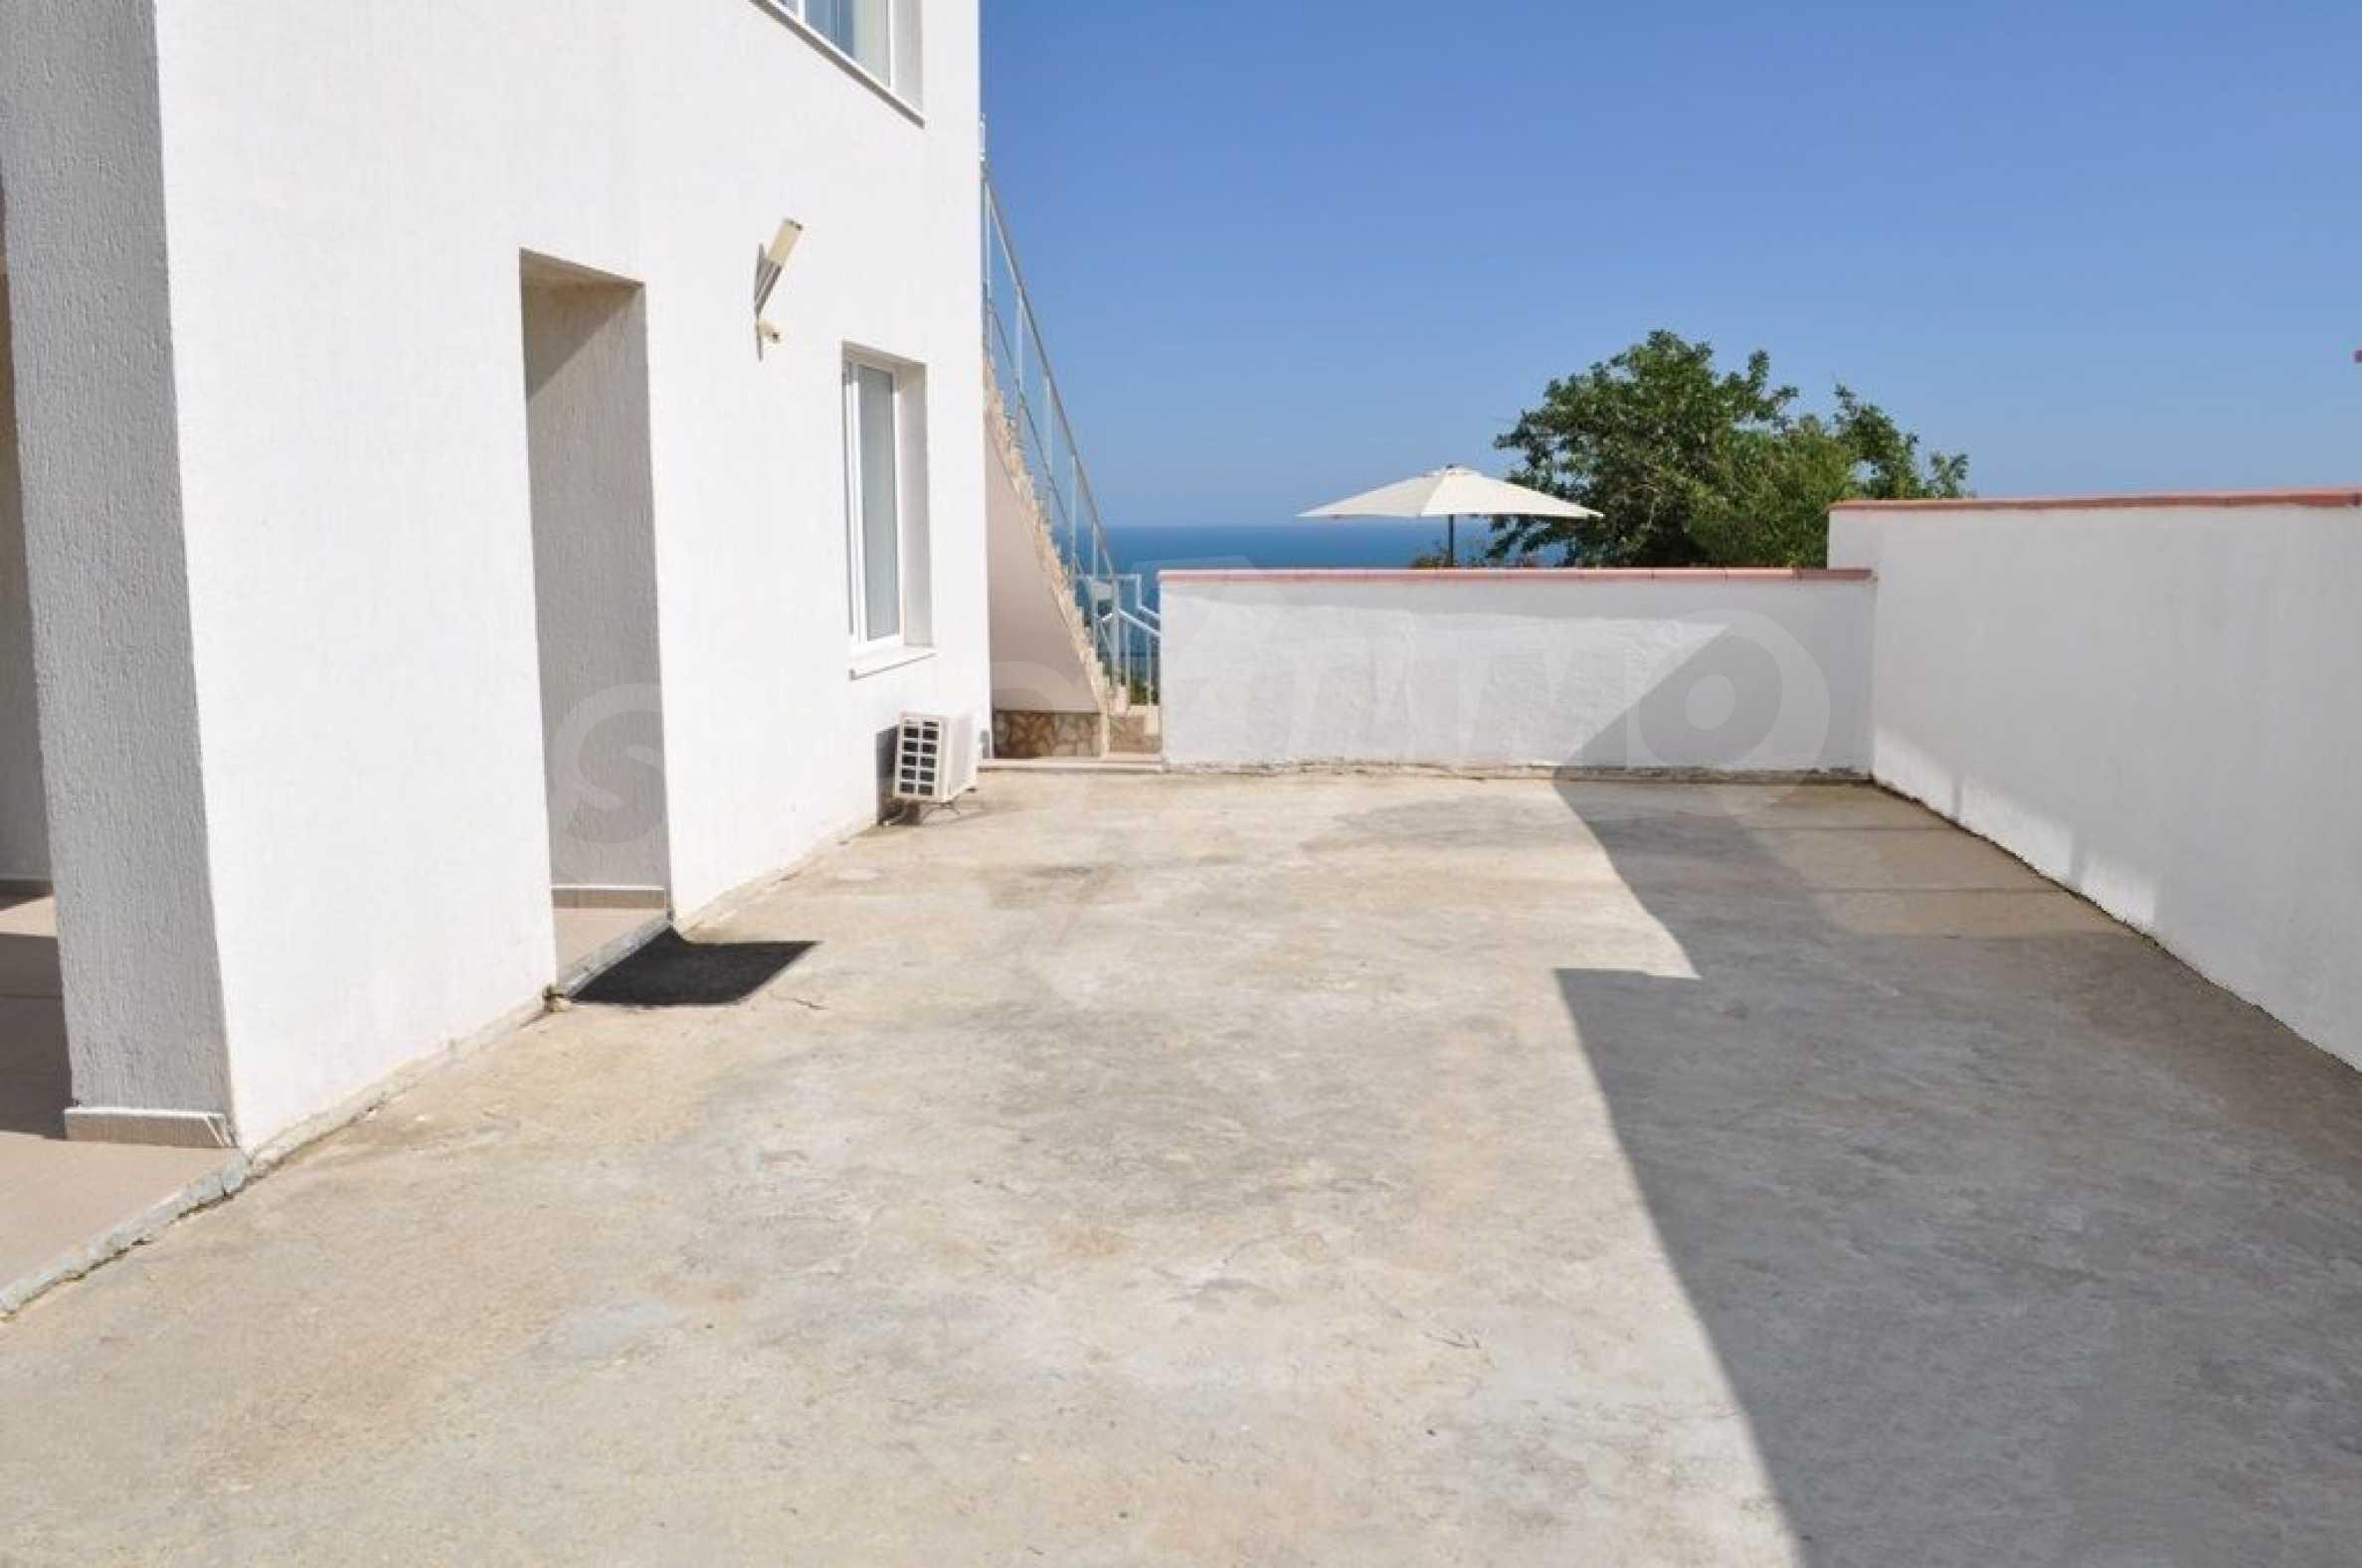 Luxusvilla mit 4 Schlafzimmern zu vermieten in der Nähe des Resorts. Albena 27